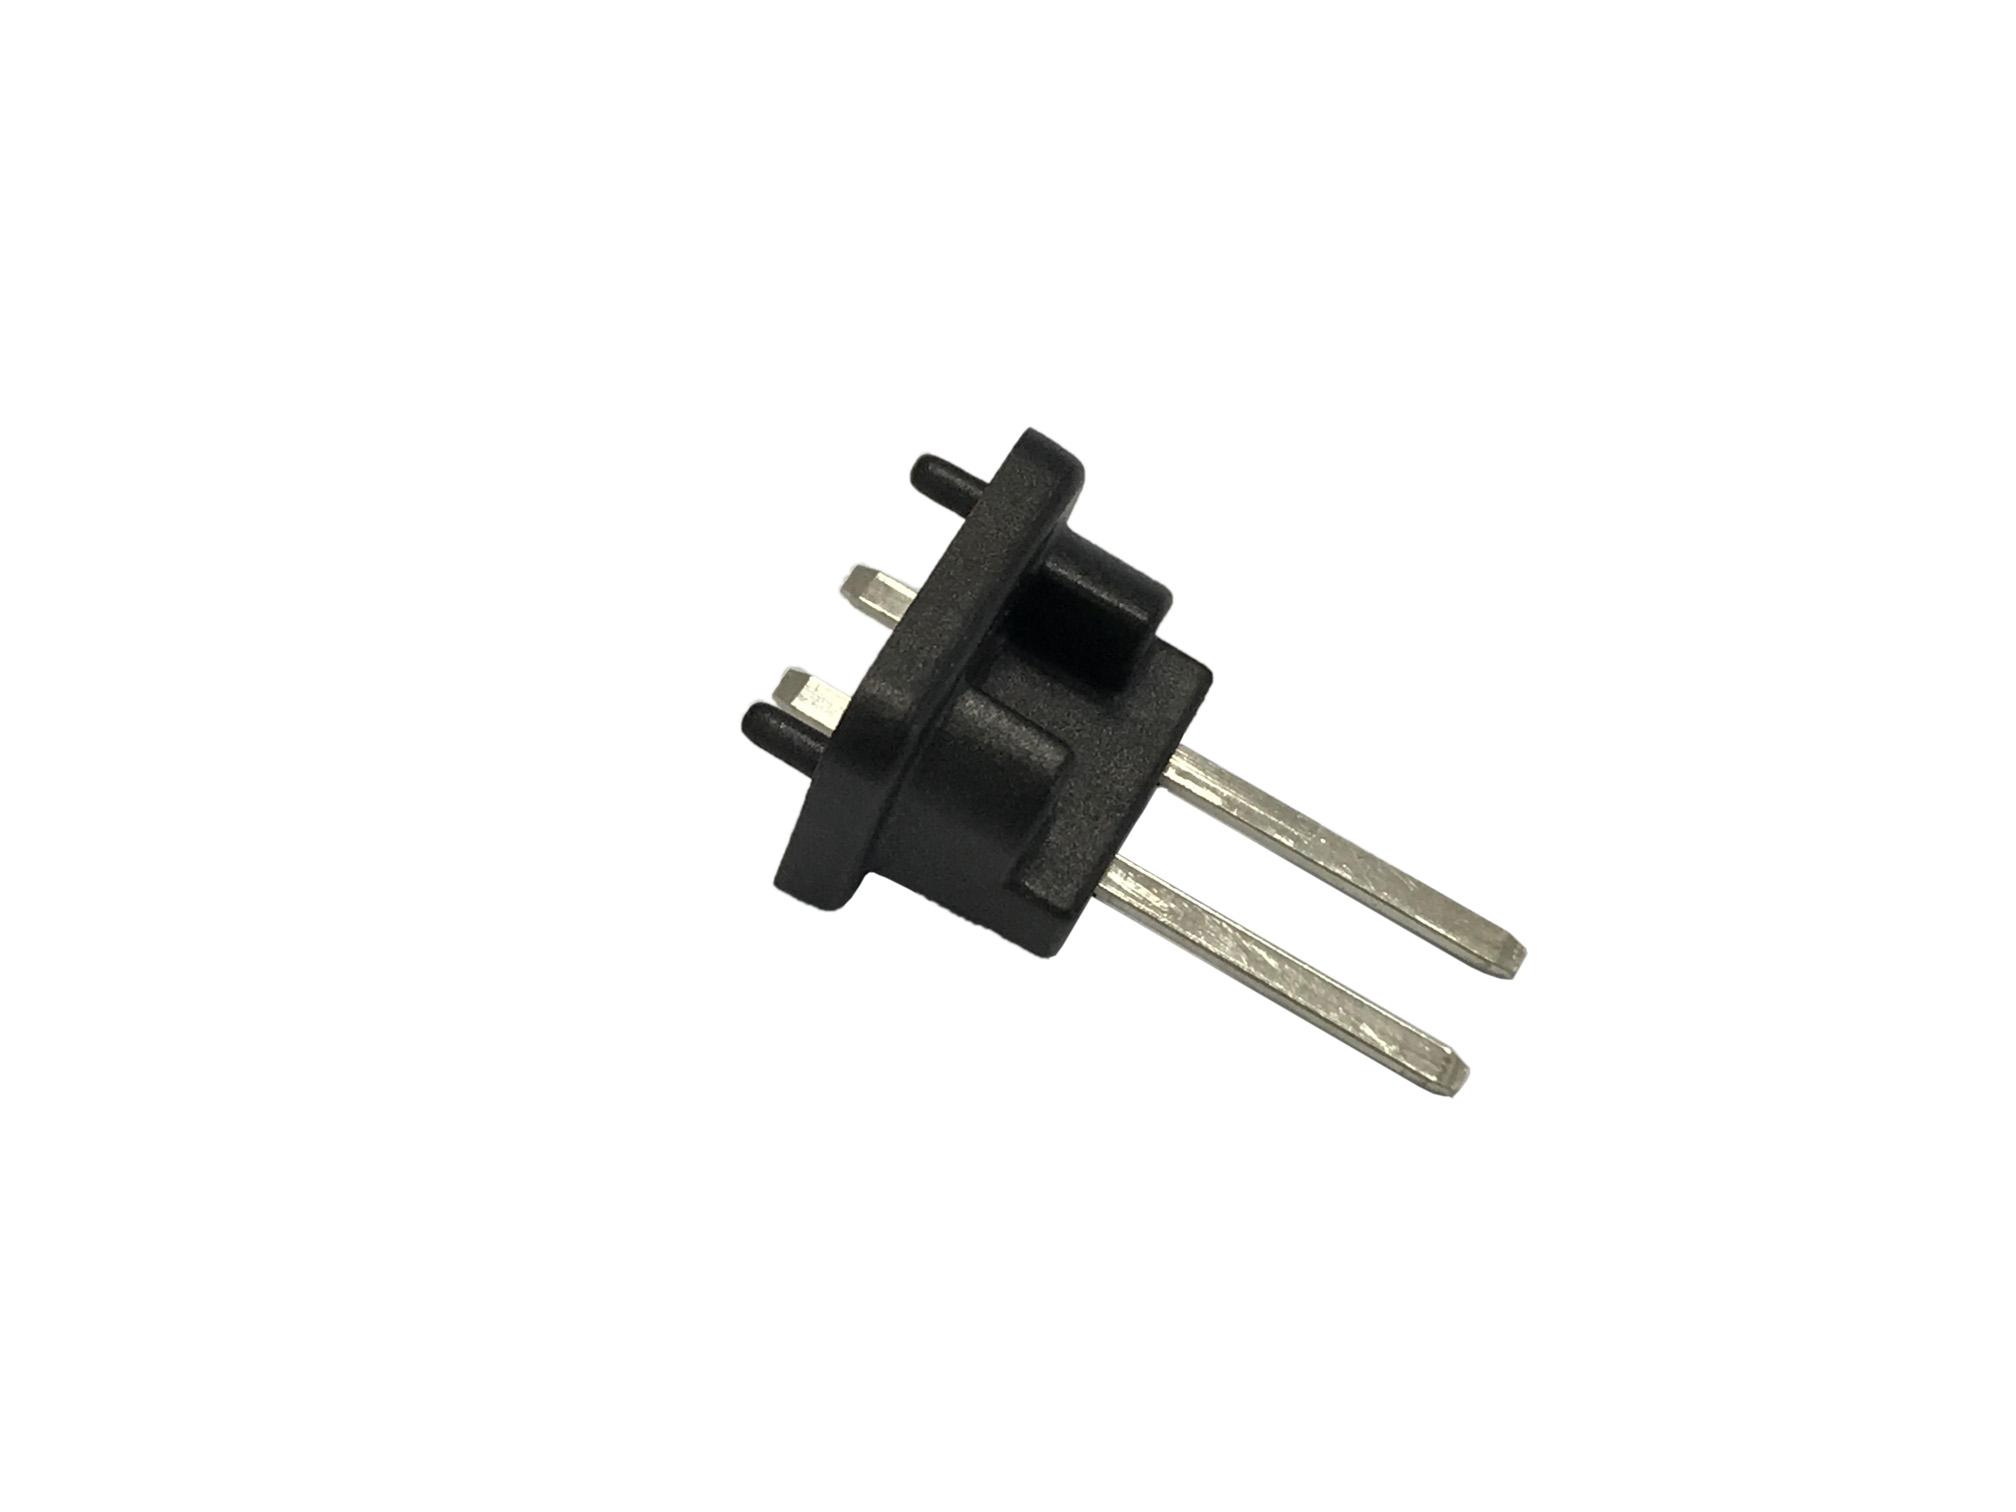 QJ543 2芯插座